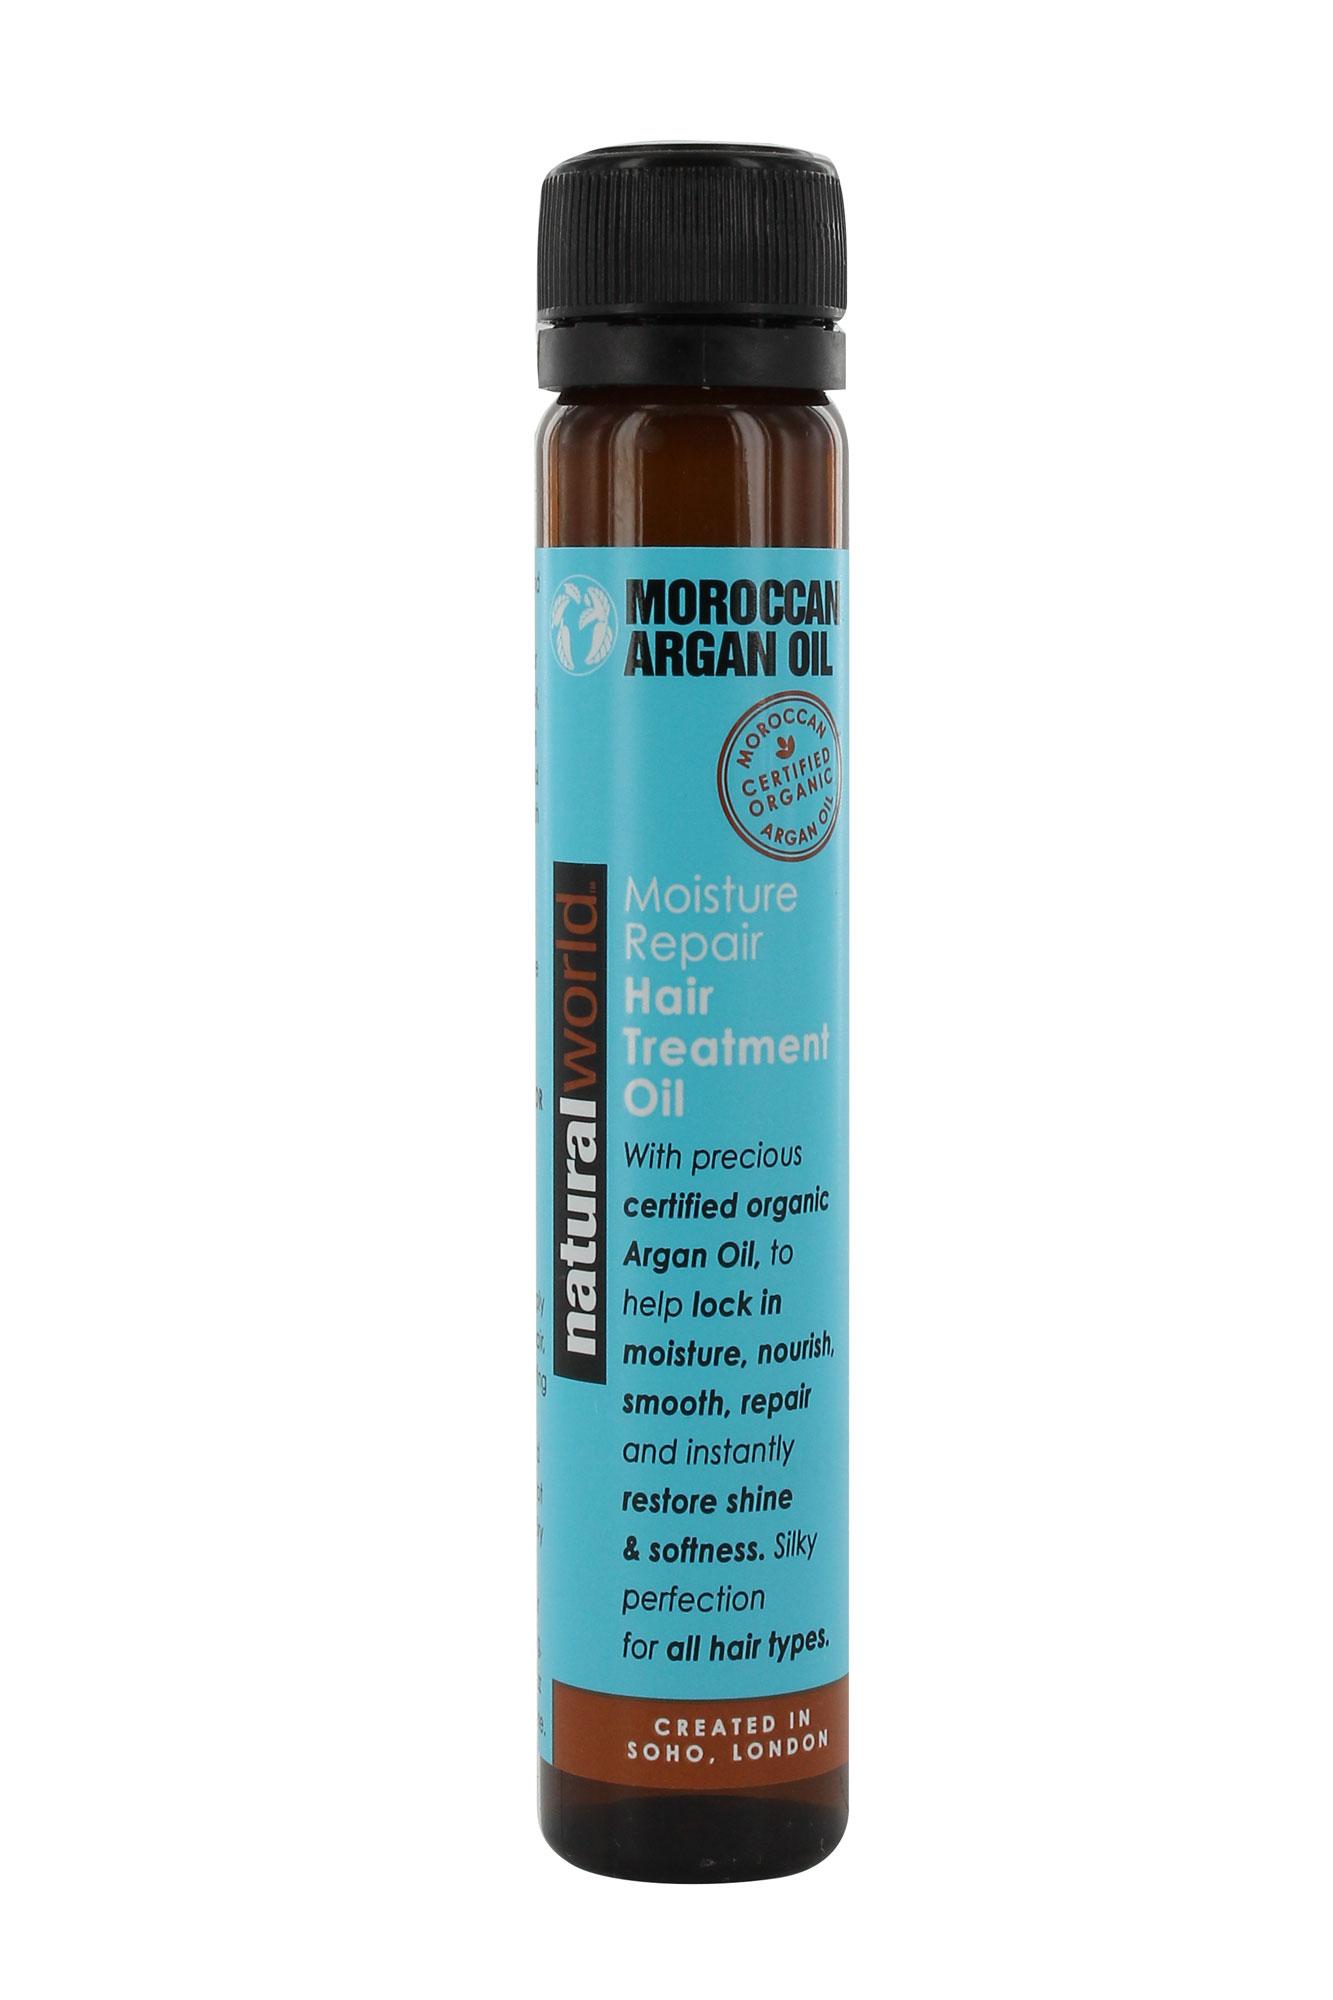 Natural World marokkanischen Argan Öl Feuchtigkeit Repair ...